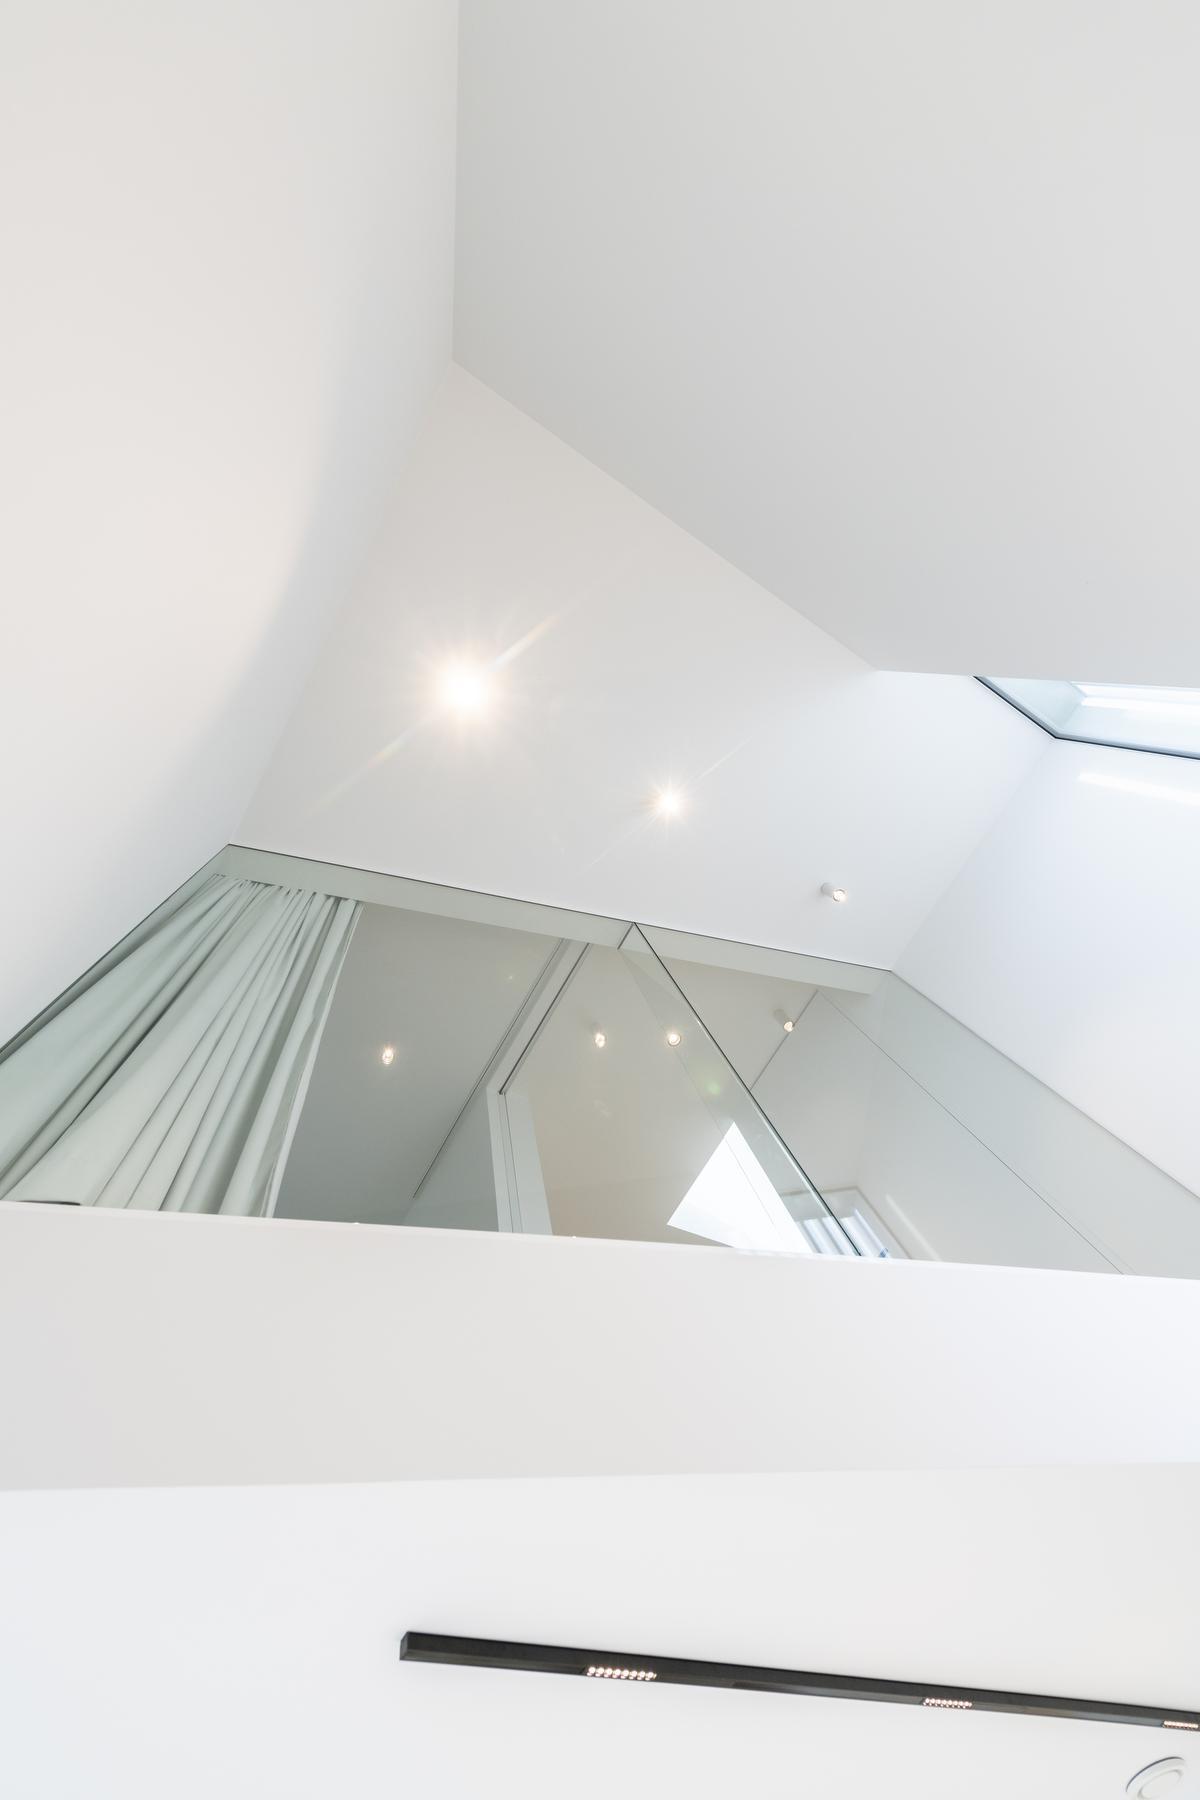 Een doordacht spel van lijnen laat de woning optisch ruimer lijken.©Pieter Clicteur